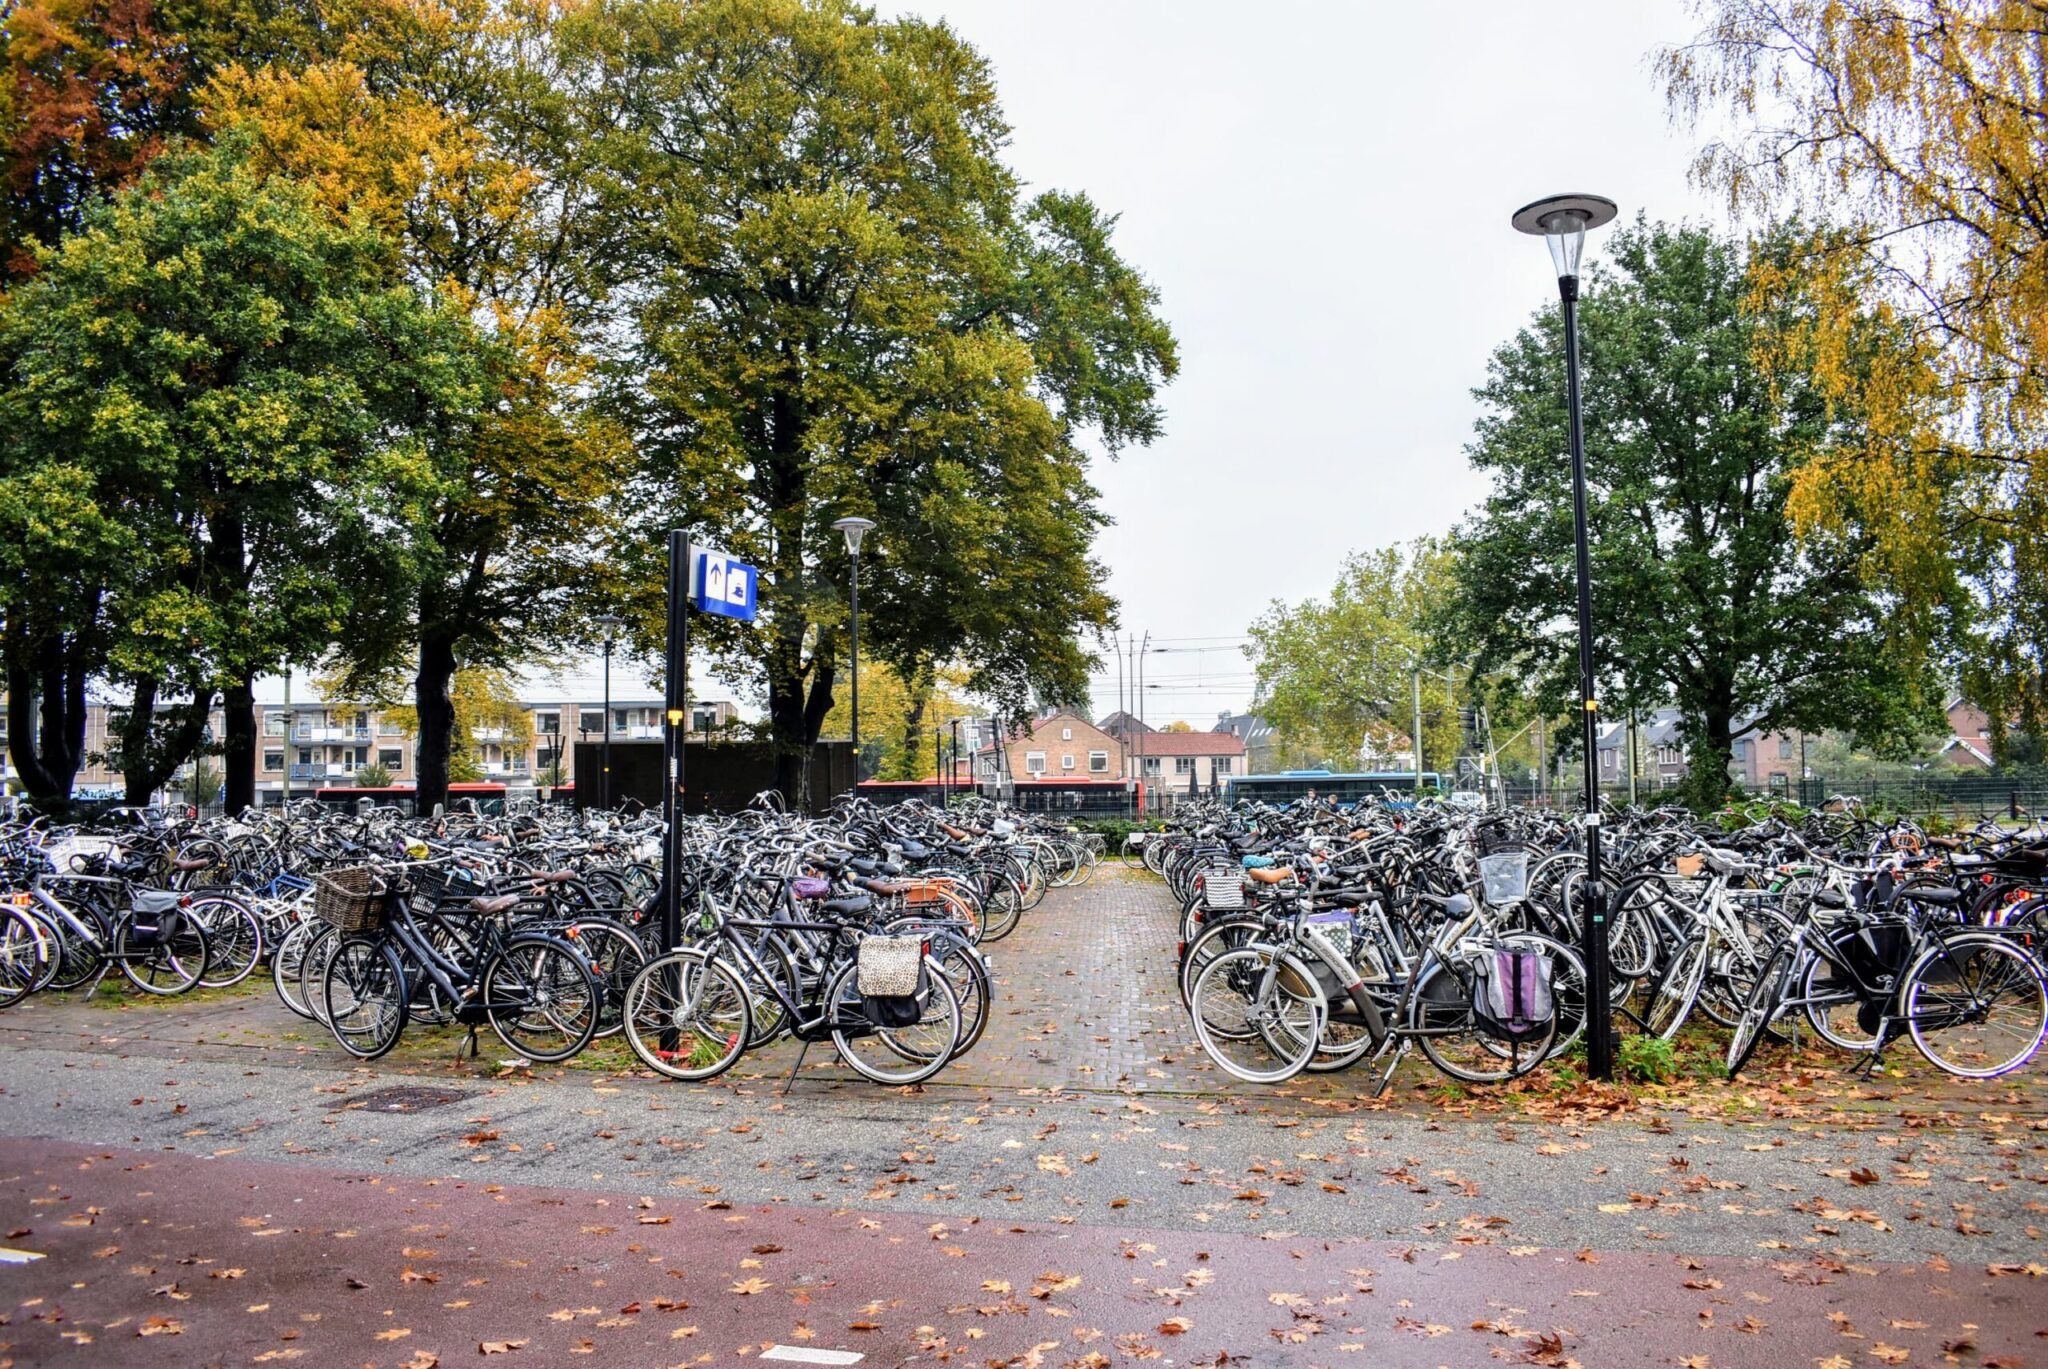 Fietsen op station Harderwijk fietswrak fietswrakken